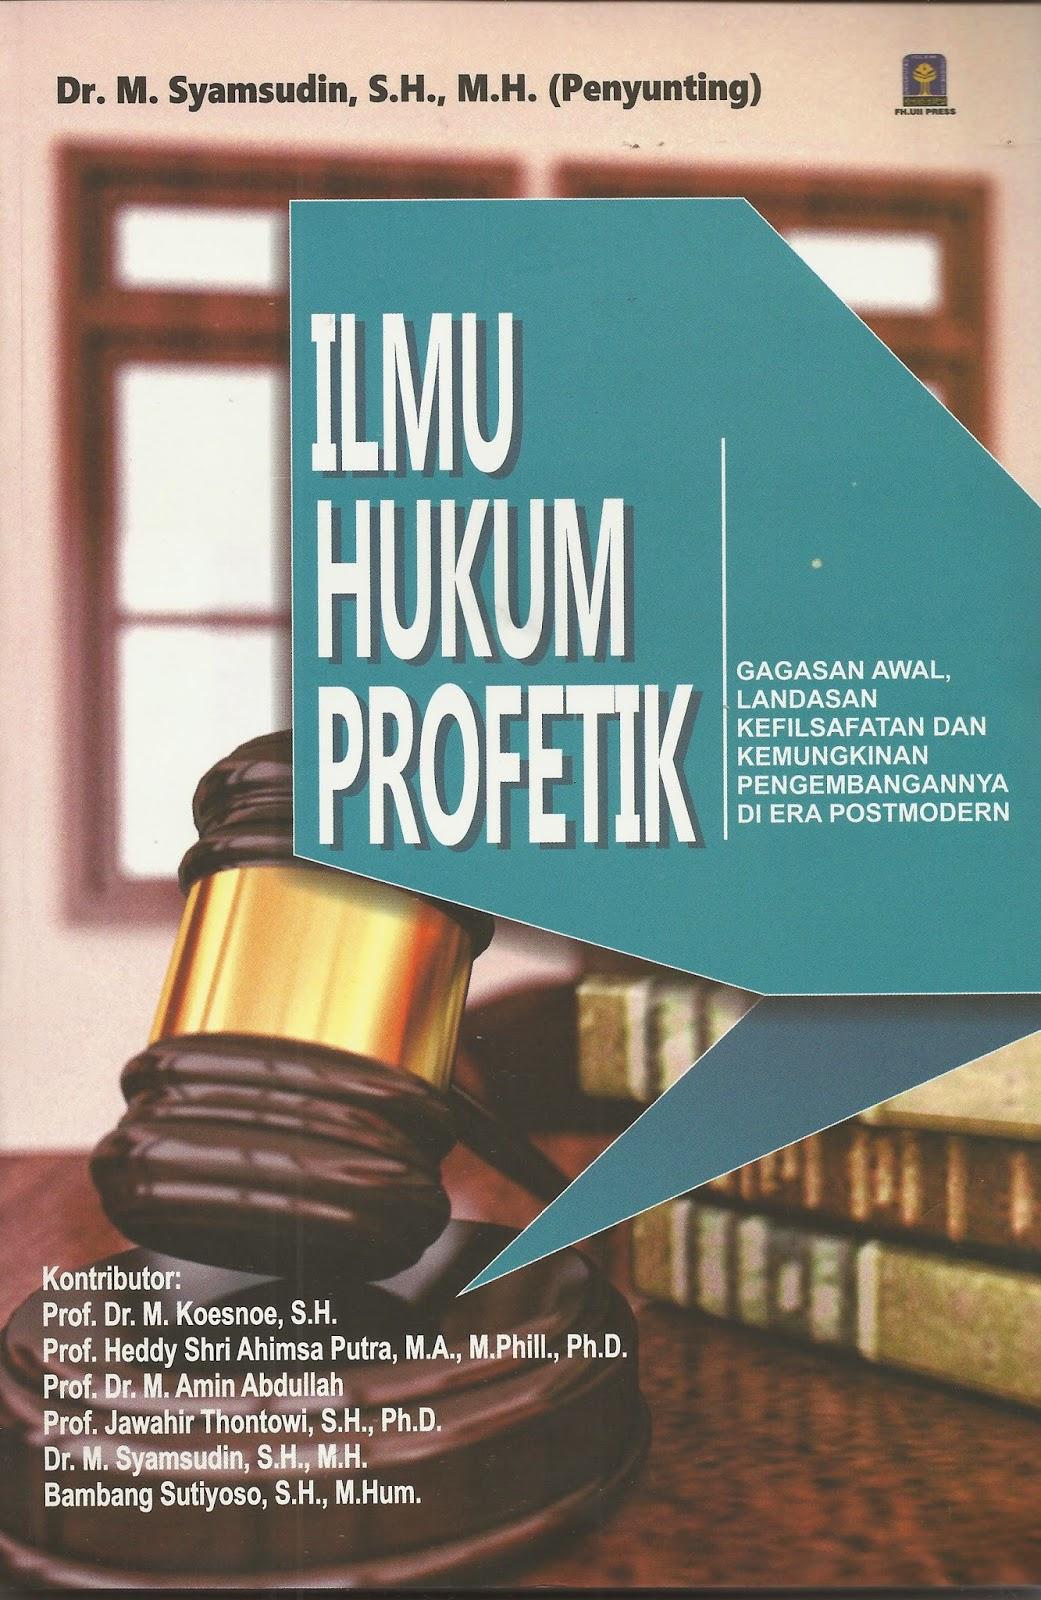 ILMU HUKUM PROFETIK